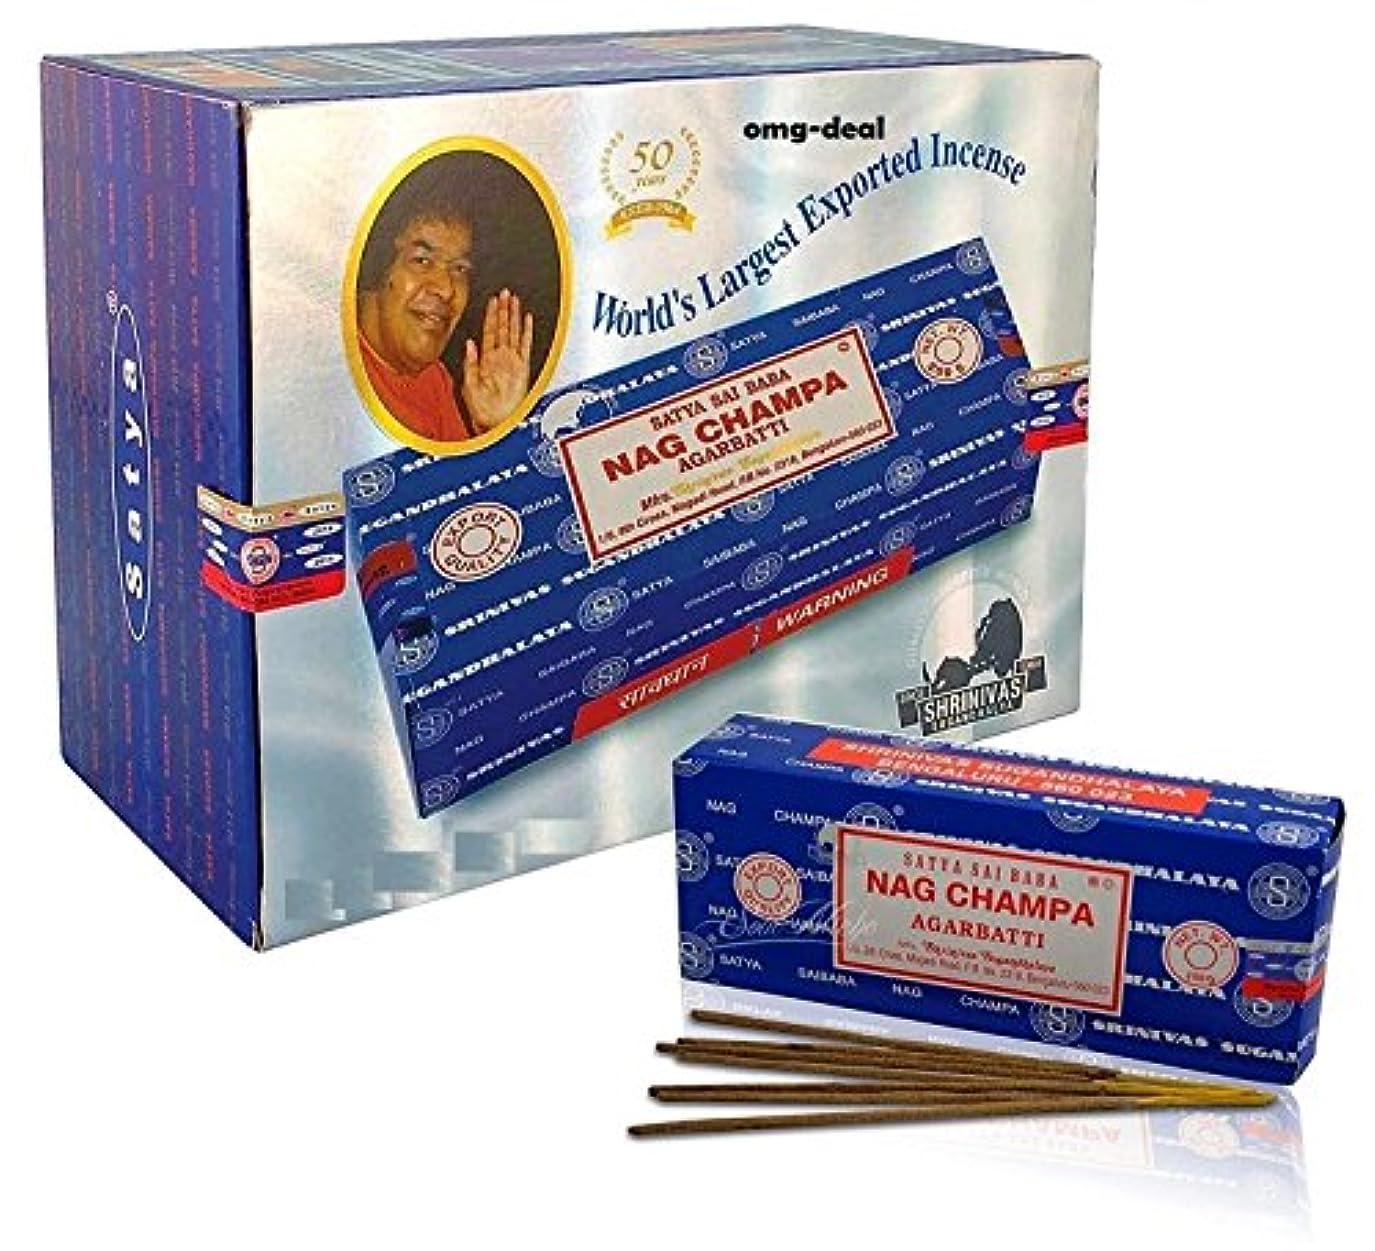 クーポン最も遠いウルルSatya Sai Baba Nag Champa 1000 Gram Incense Sticks Agarbatti